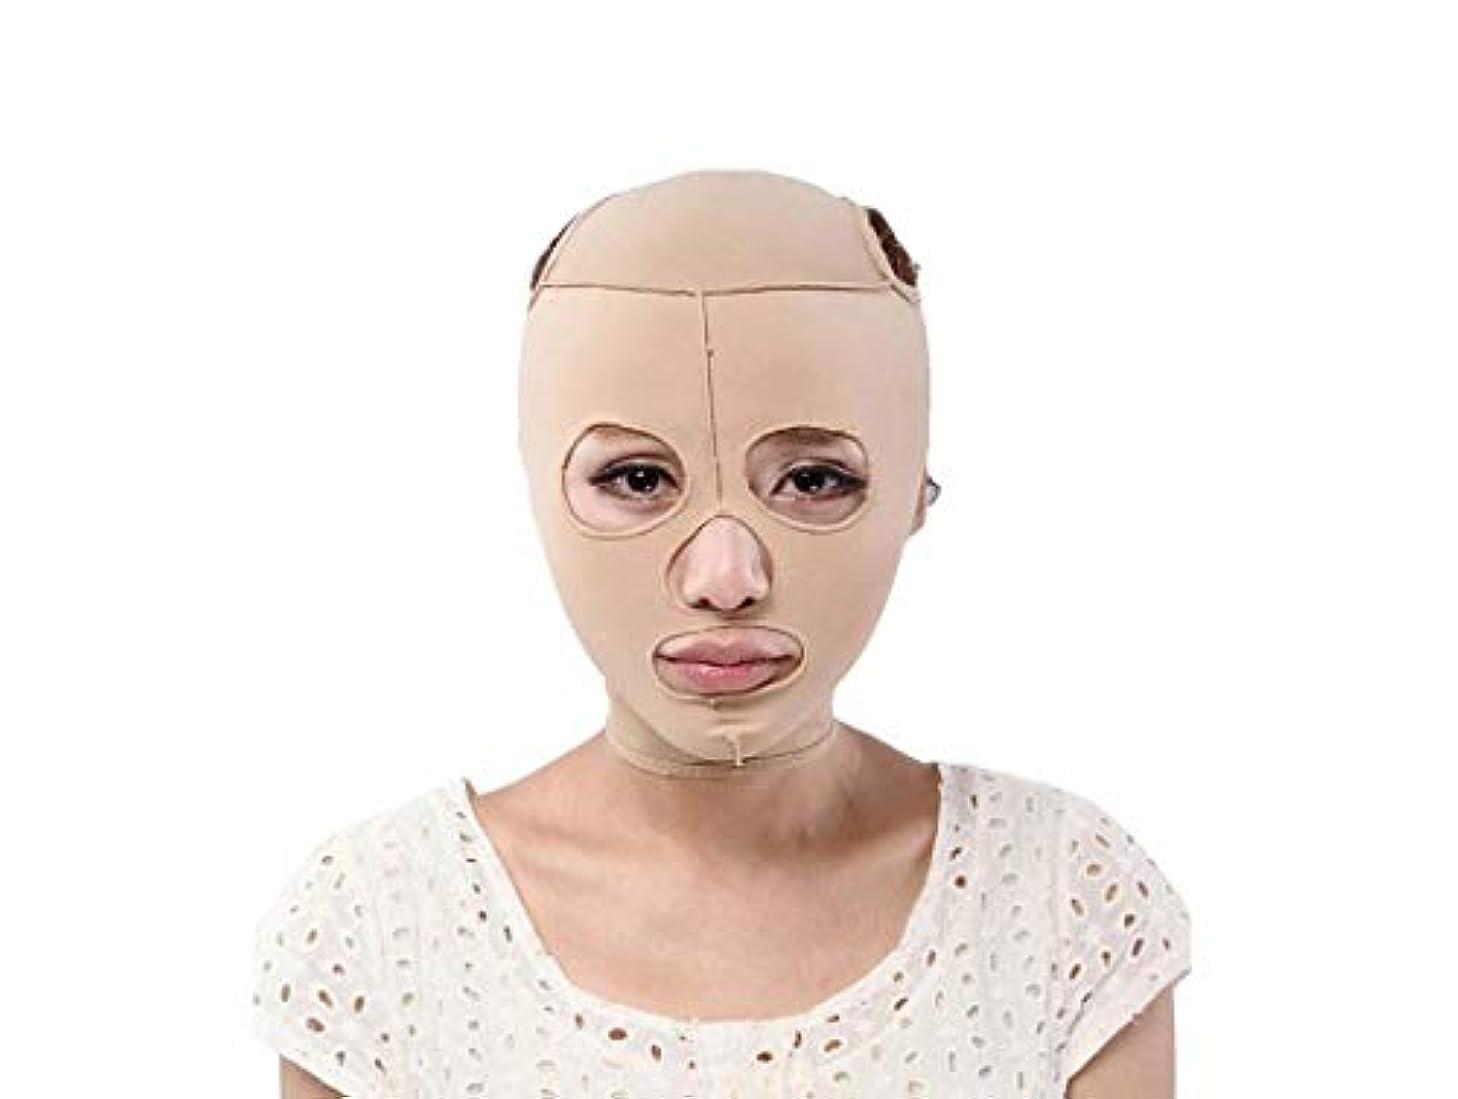 威信カレッジビリーヤギ痩身ベルト、フェイスマスクシンフェイス機器リフティング引き締めVフェイス男性と女性フェイスリフティングステッカーダブルチンフェイスリフティングフェイスマスク包帯フェイシャルマッサージ(サイズ:S)